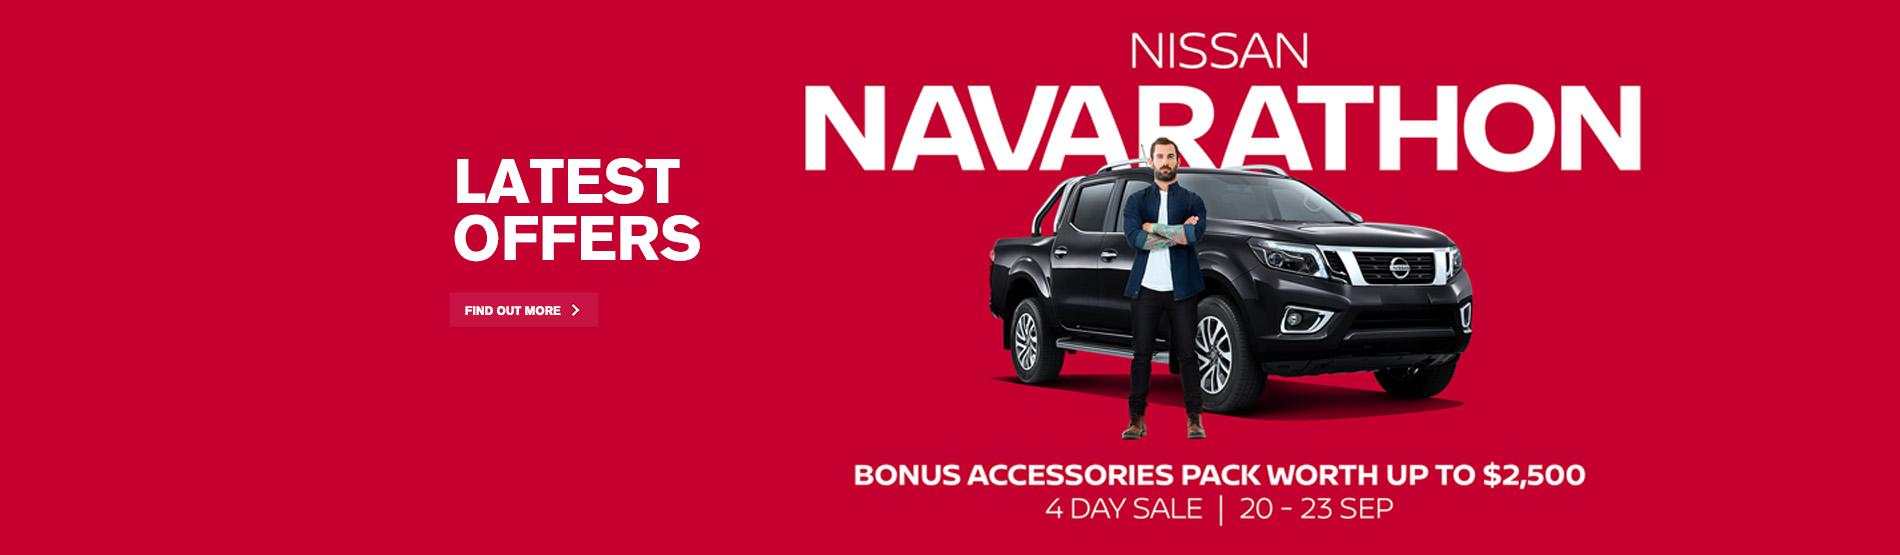 Nissan Navarathon